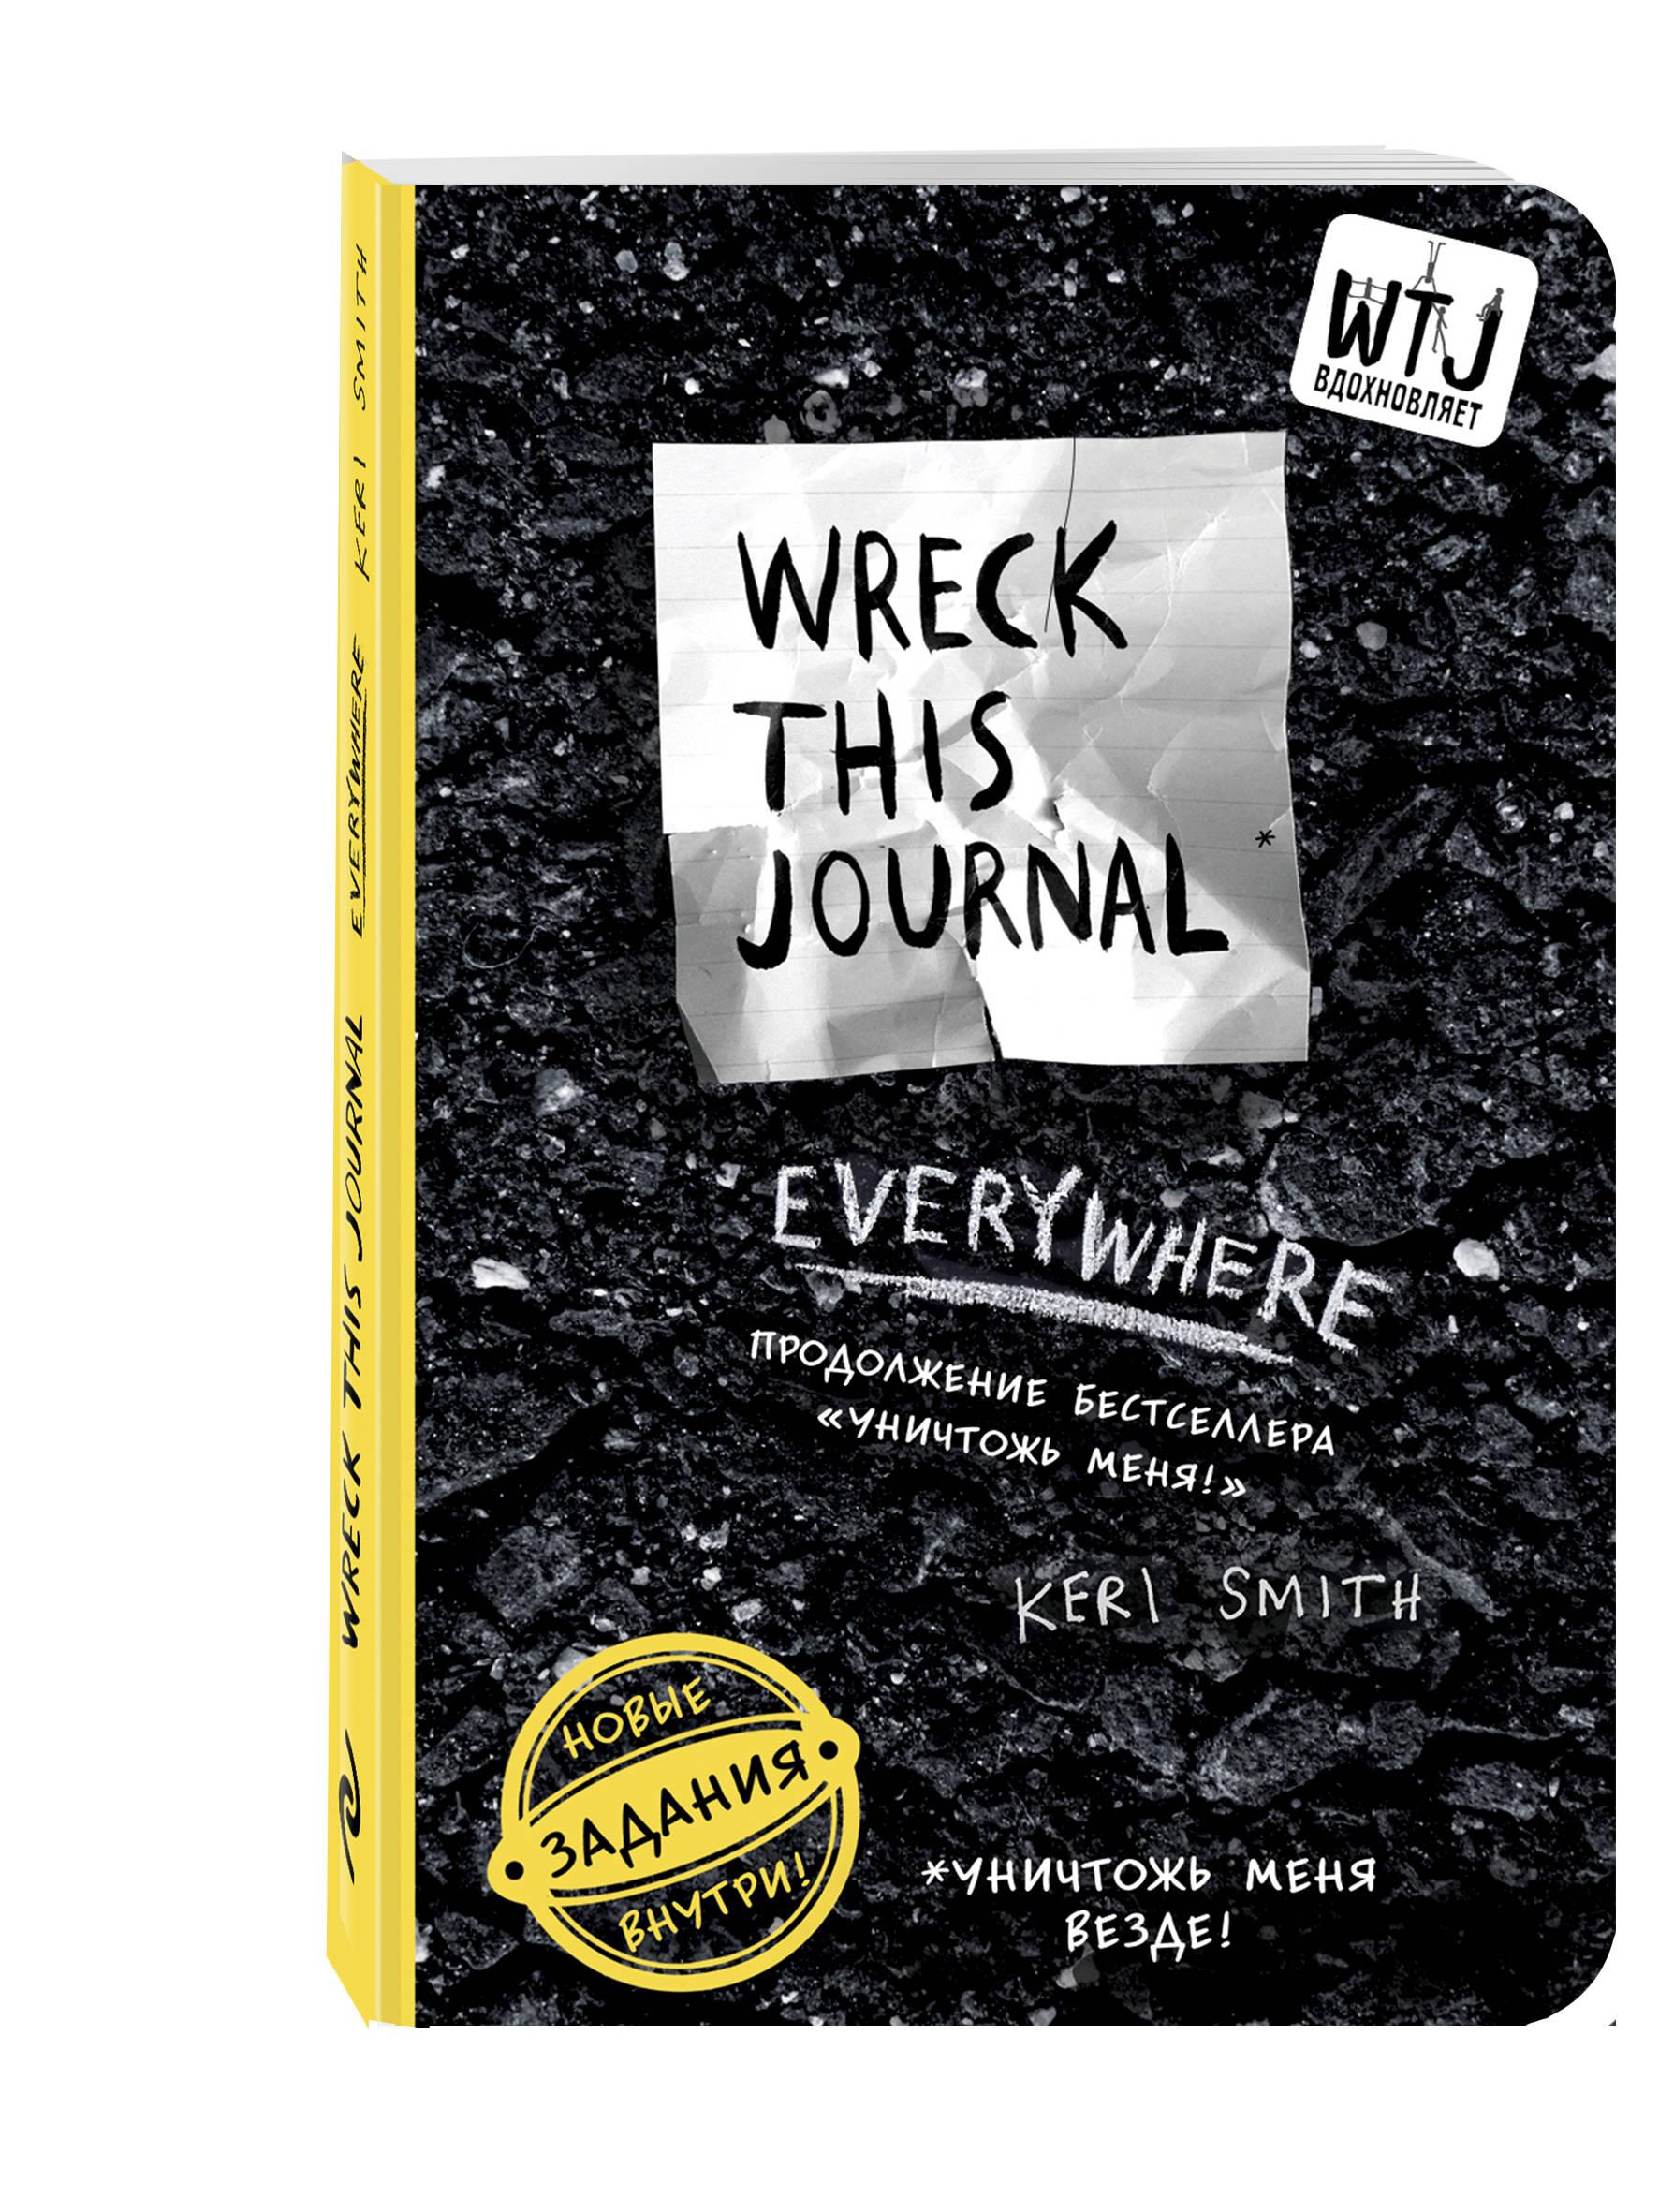 Уничтожь меня везде! (англ. название Wreck This Journal Everywhere) (для ПР)